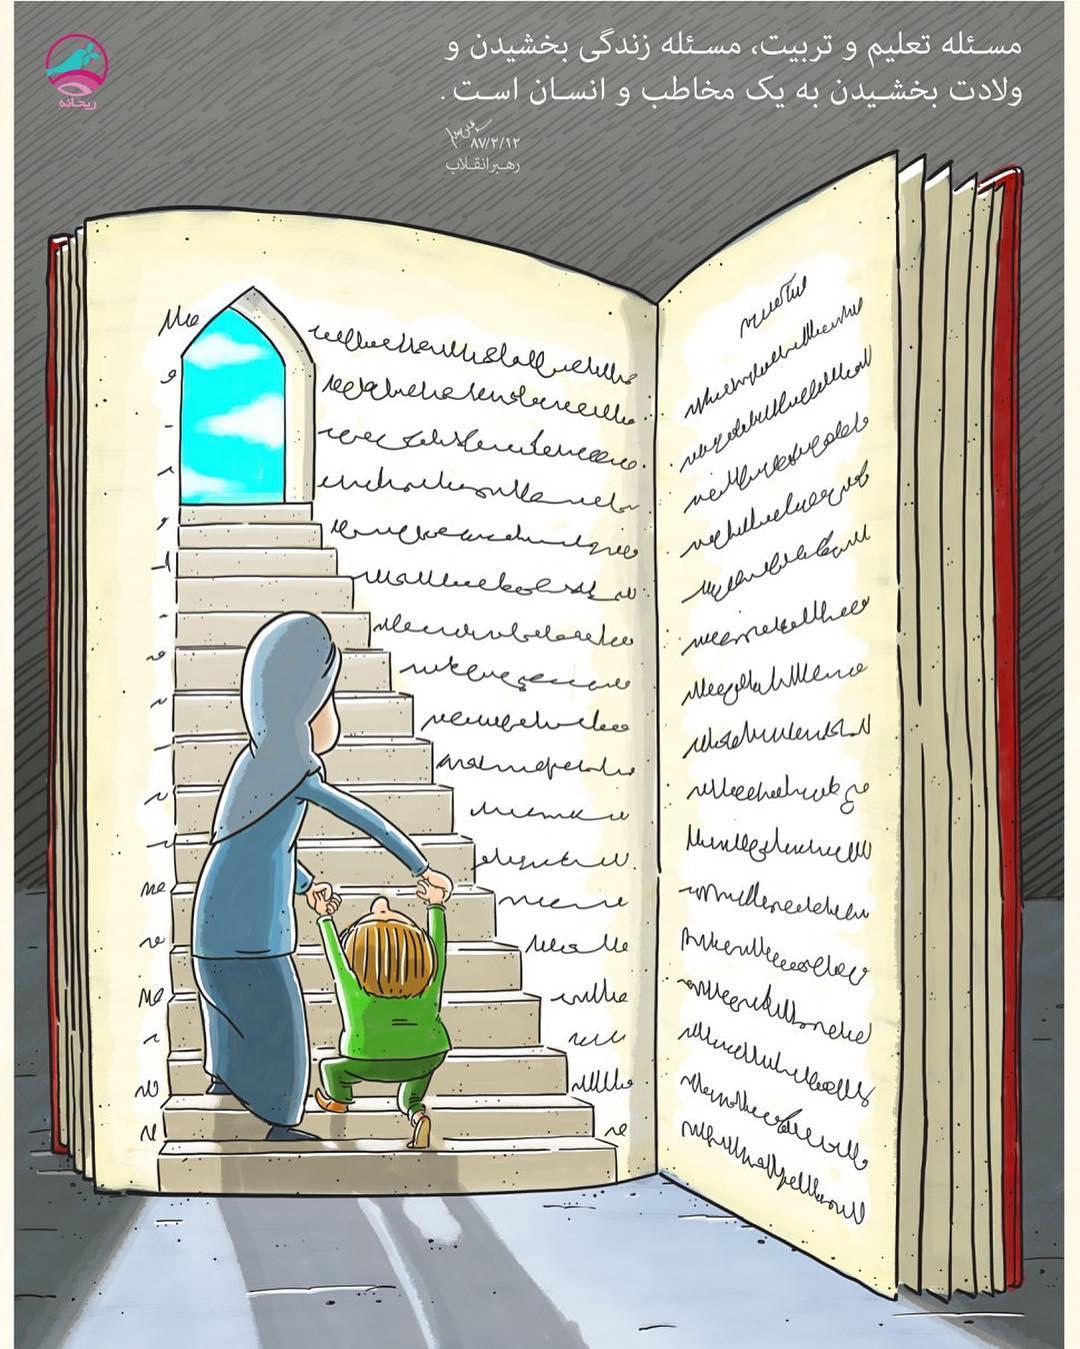 رهبرانقلاب مسئله تعلیم و تربیت، مسئلهی زندگی بخشیدن و ولادت بخشیدن به یک مخاطب و یک انسان است..jpg (1080×1349)